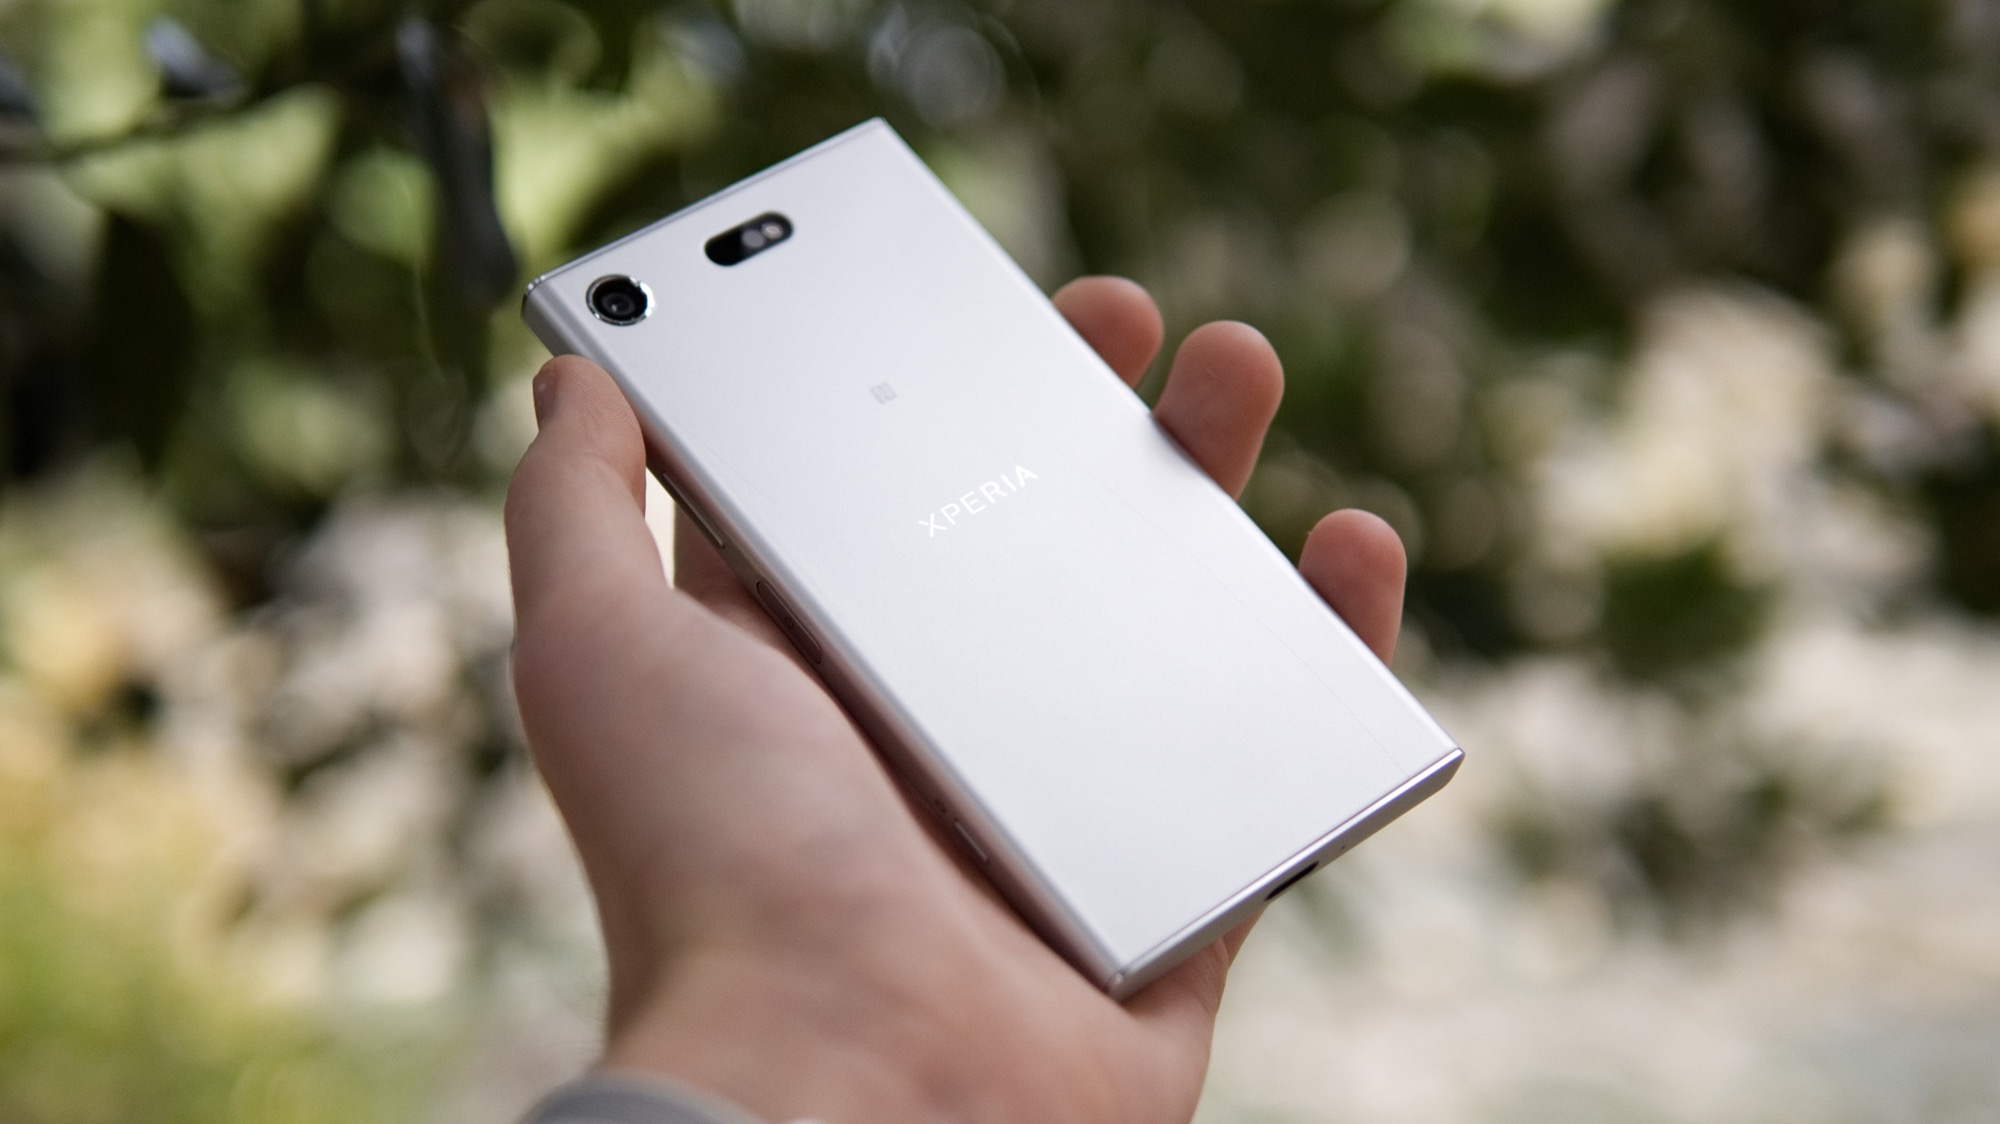 Kameran sitter längst upp i det vänstra hörnet och är helt platt längs  baksidan av telefonen. Det skiljer den från till exempel Xperia XZ Premium  och XZs ... 31c60933ef447